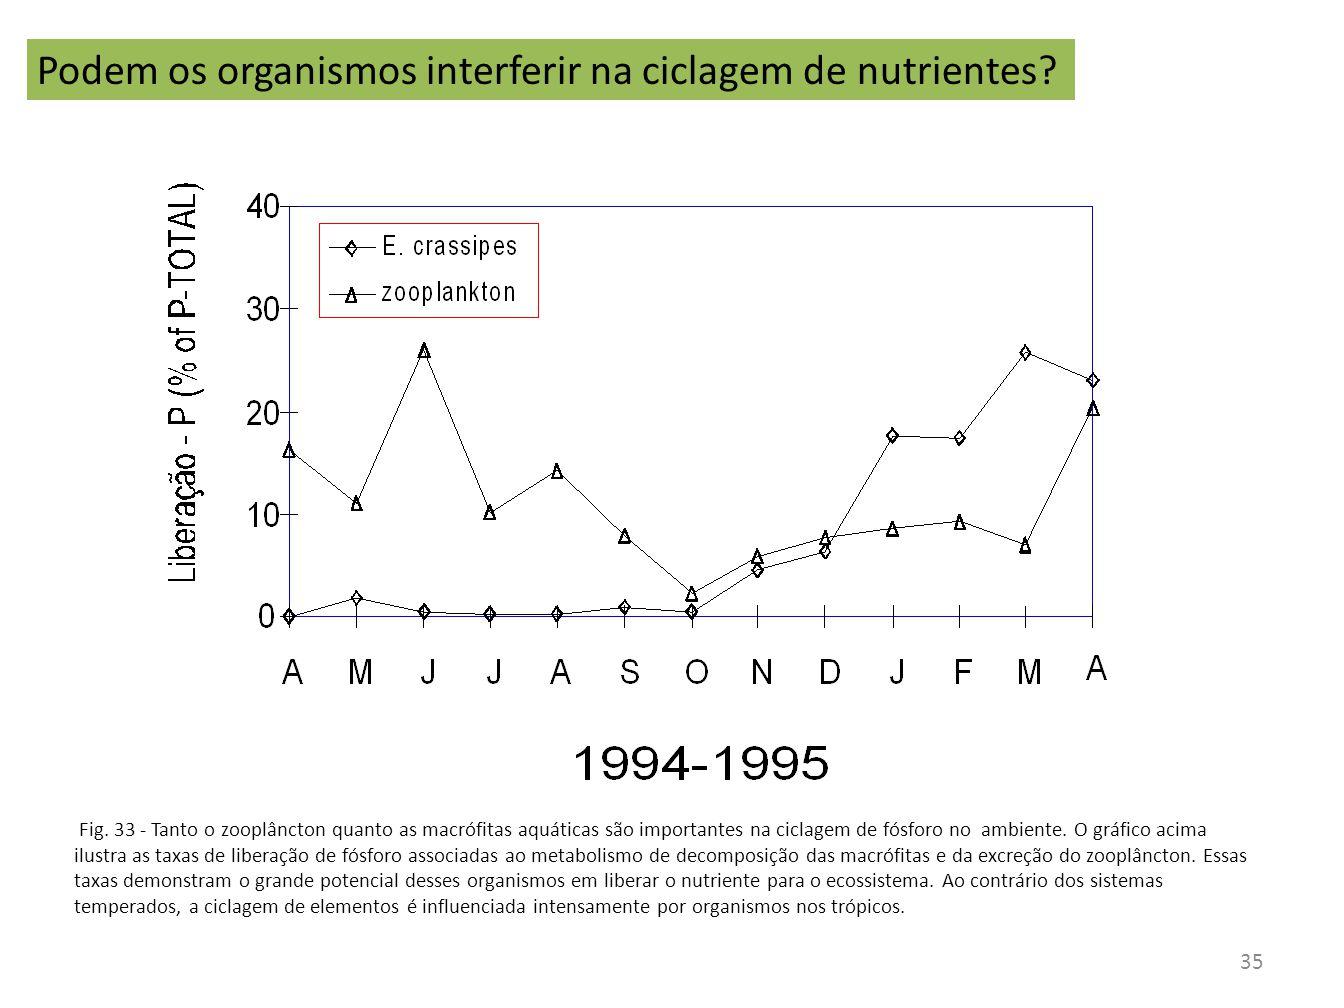 Podem os organismos interferir na ciclagem de nutrientes